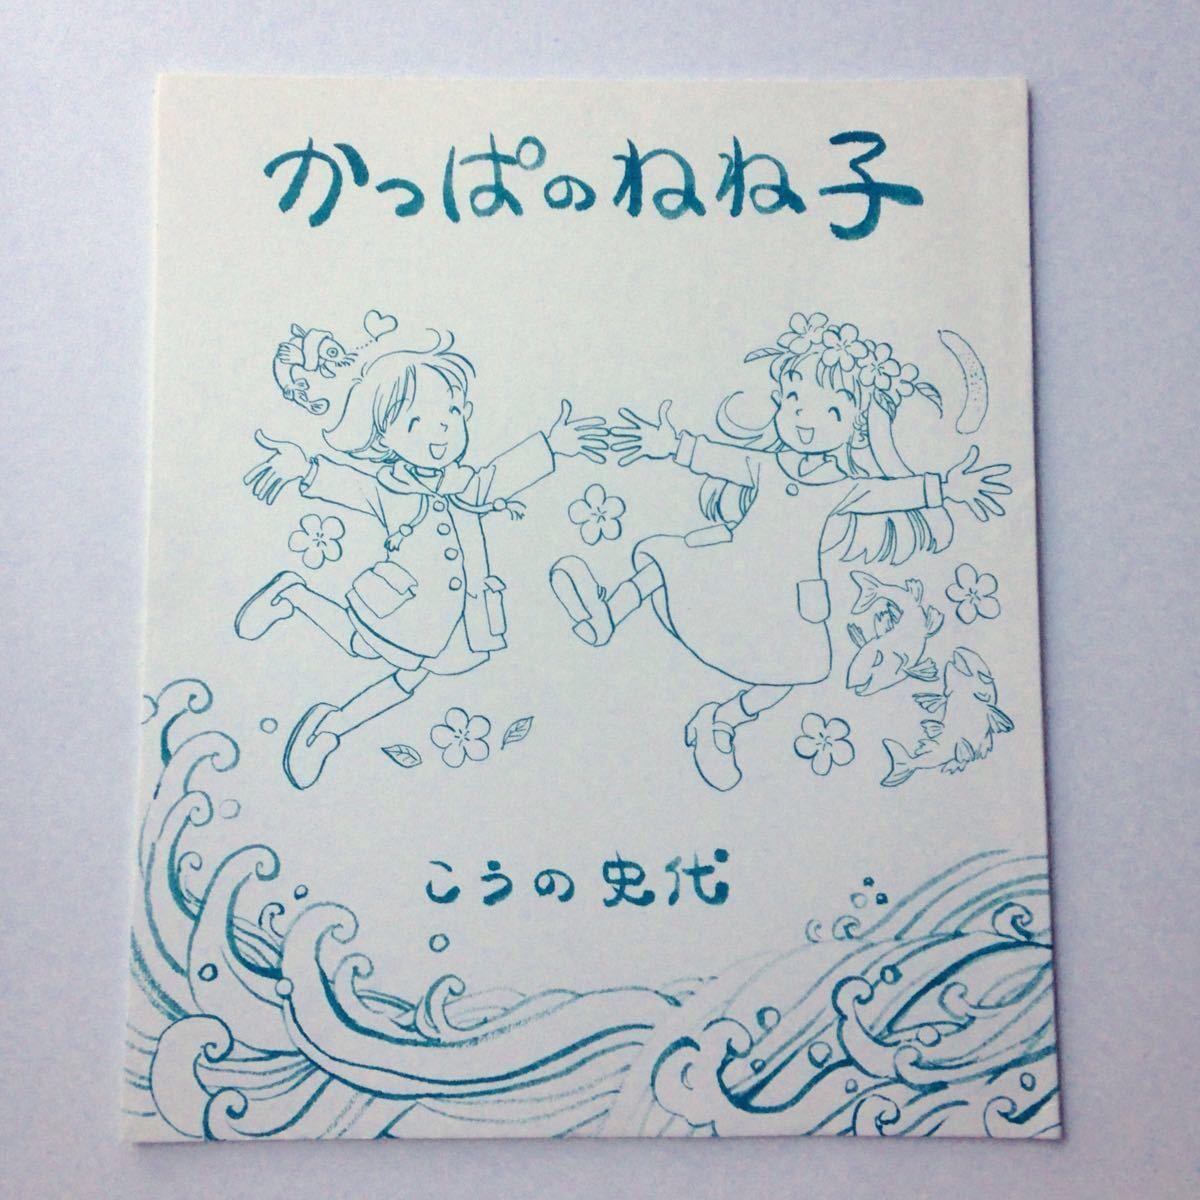 こうの史代 かっぱのねね子 の乃野屋 自費出版 2004年